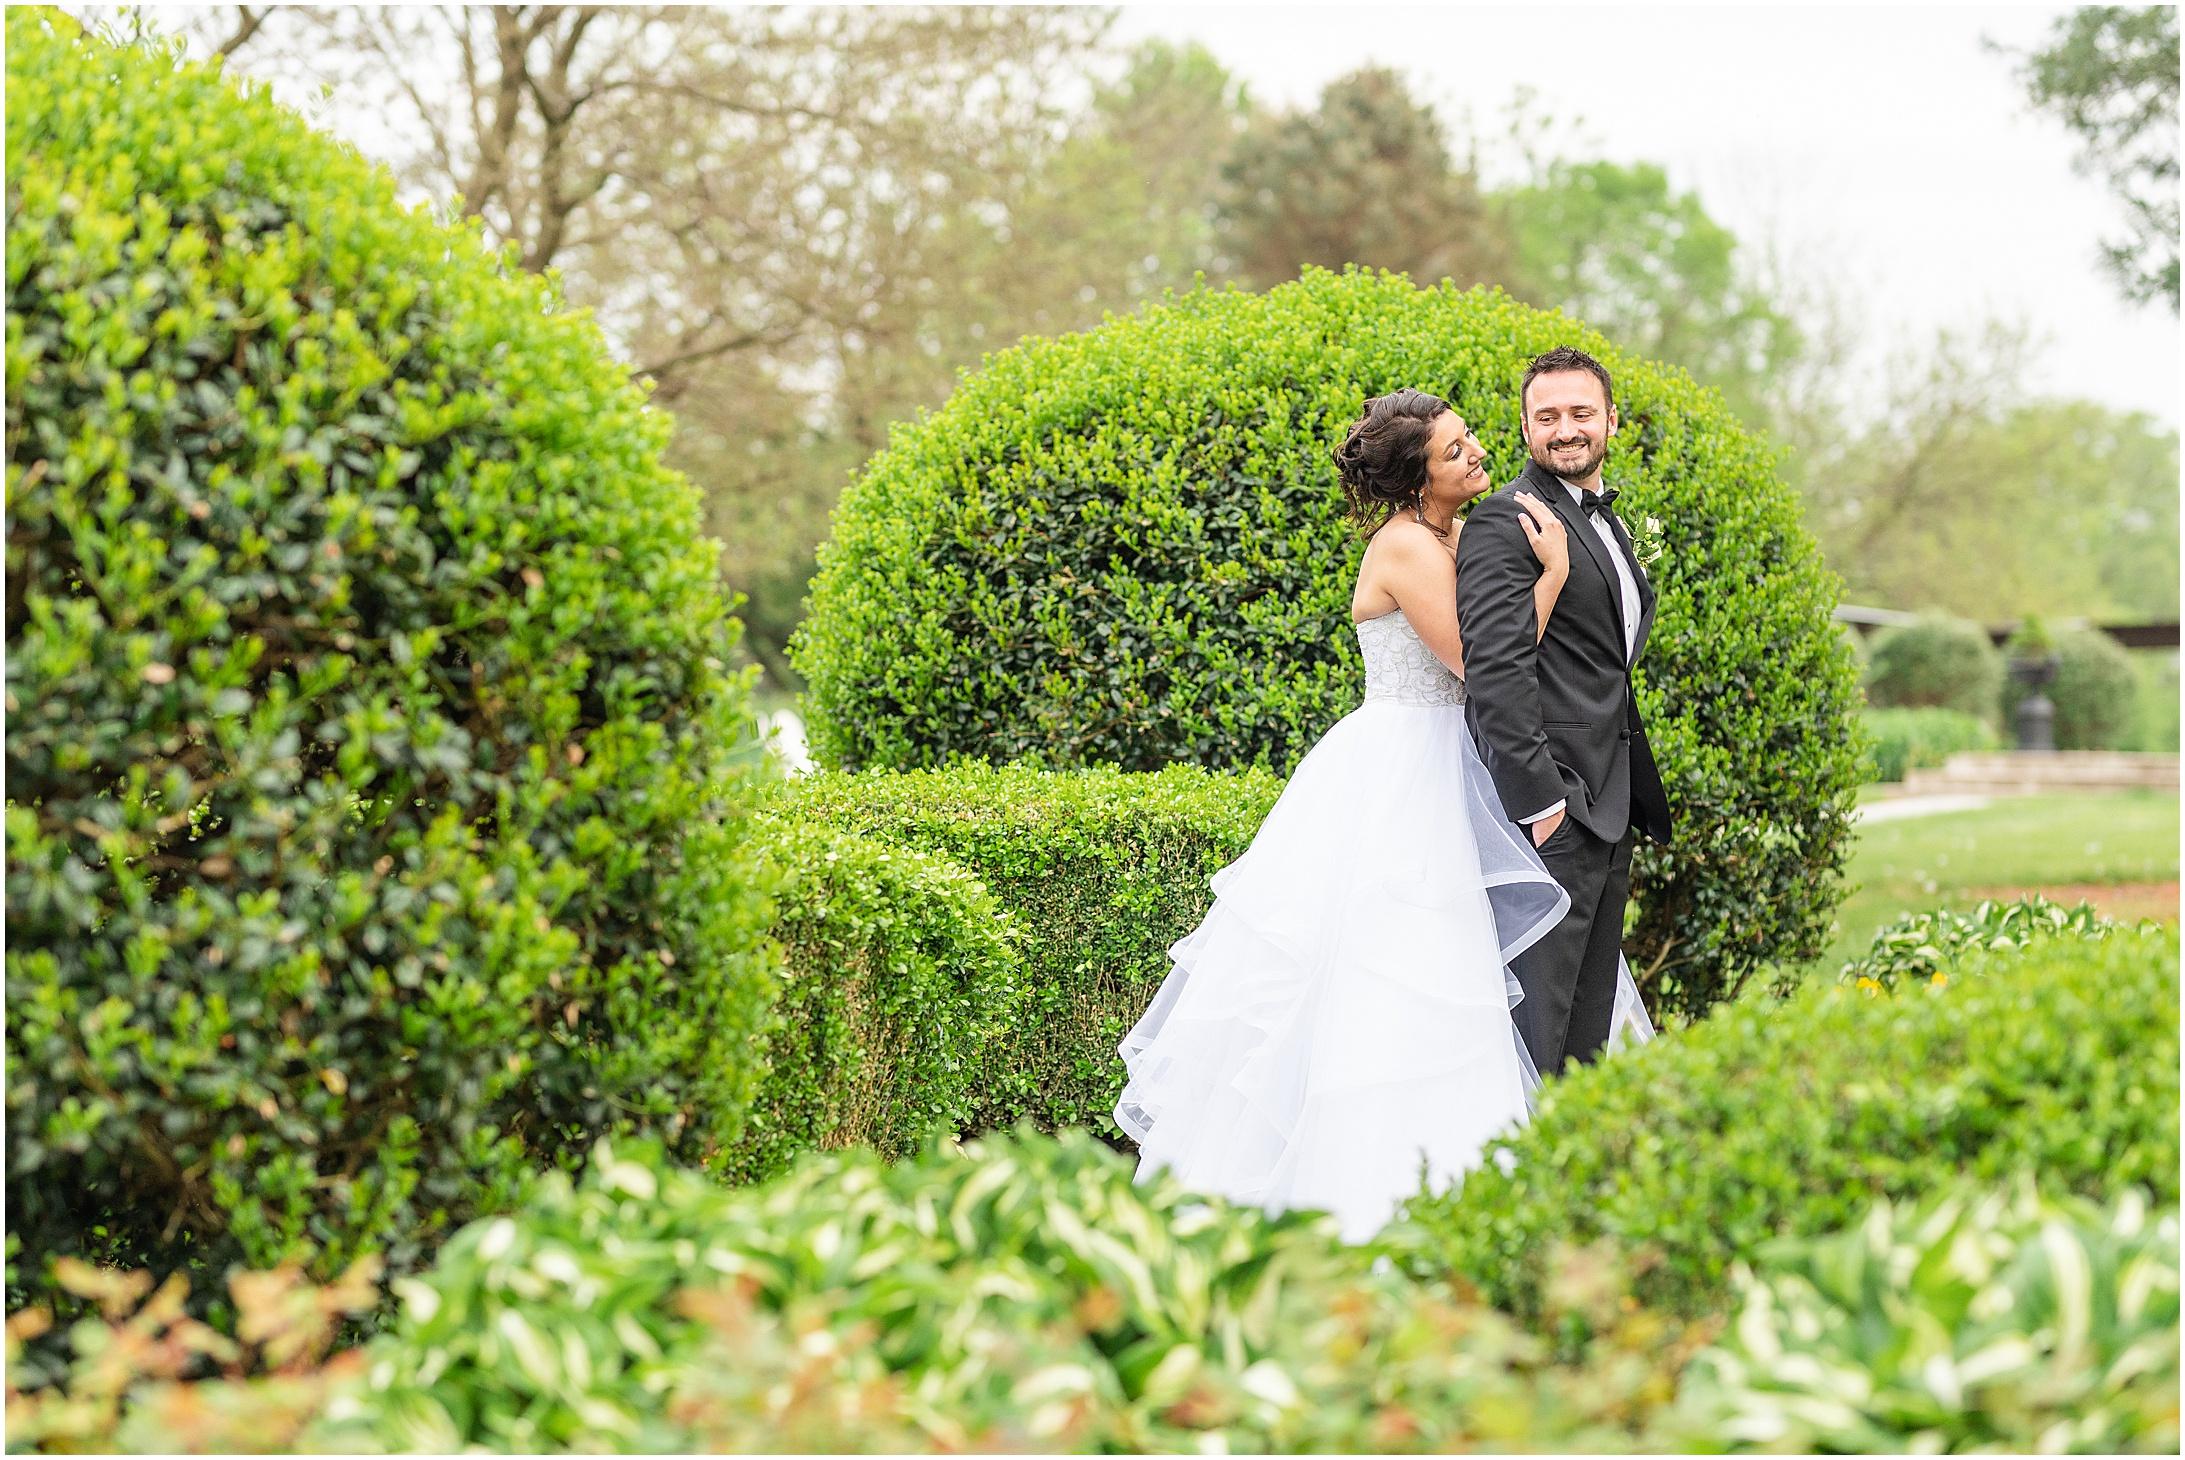 Stone-manor-country-club-wedding-photos-163.jpg